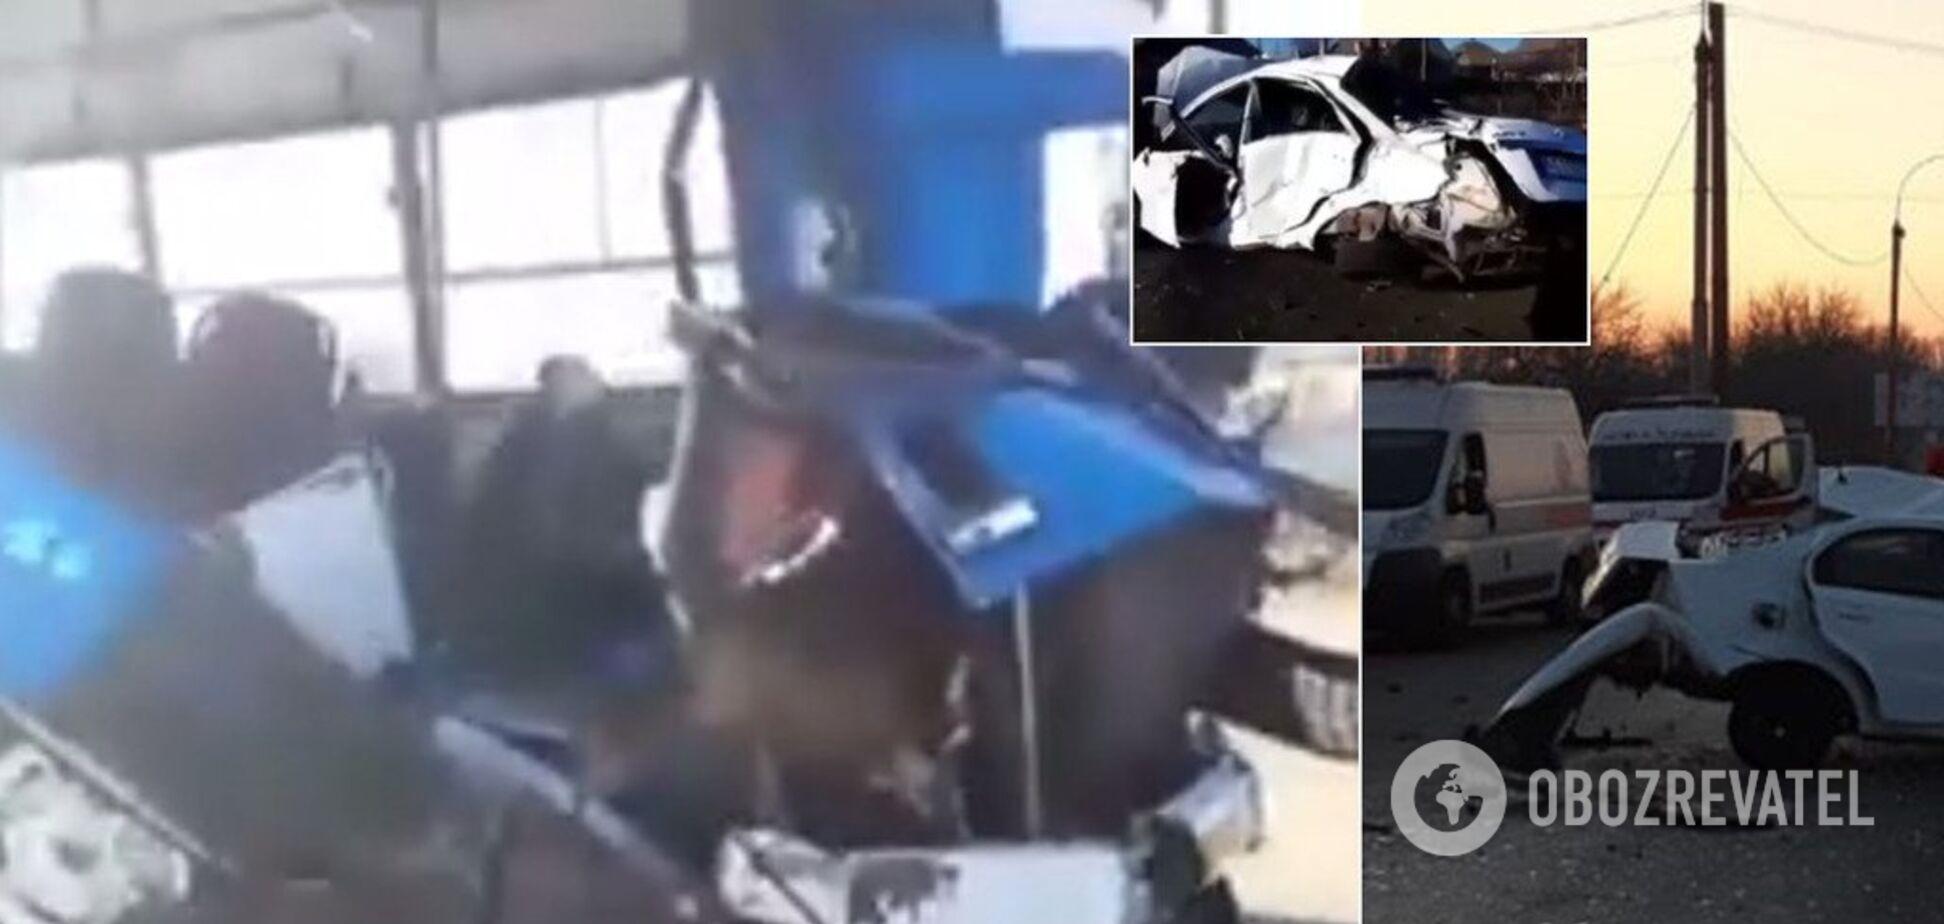 Под Днепром автобус с людьми попал в смертельное ДТП. Фото и видео